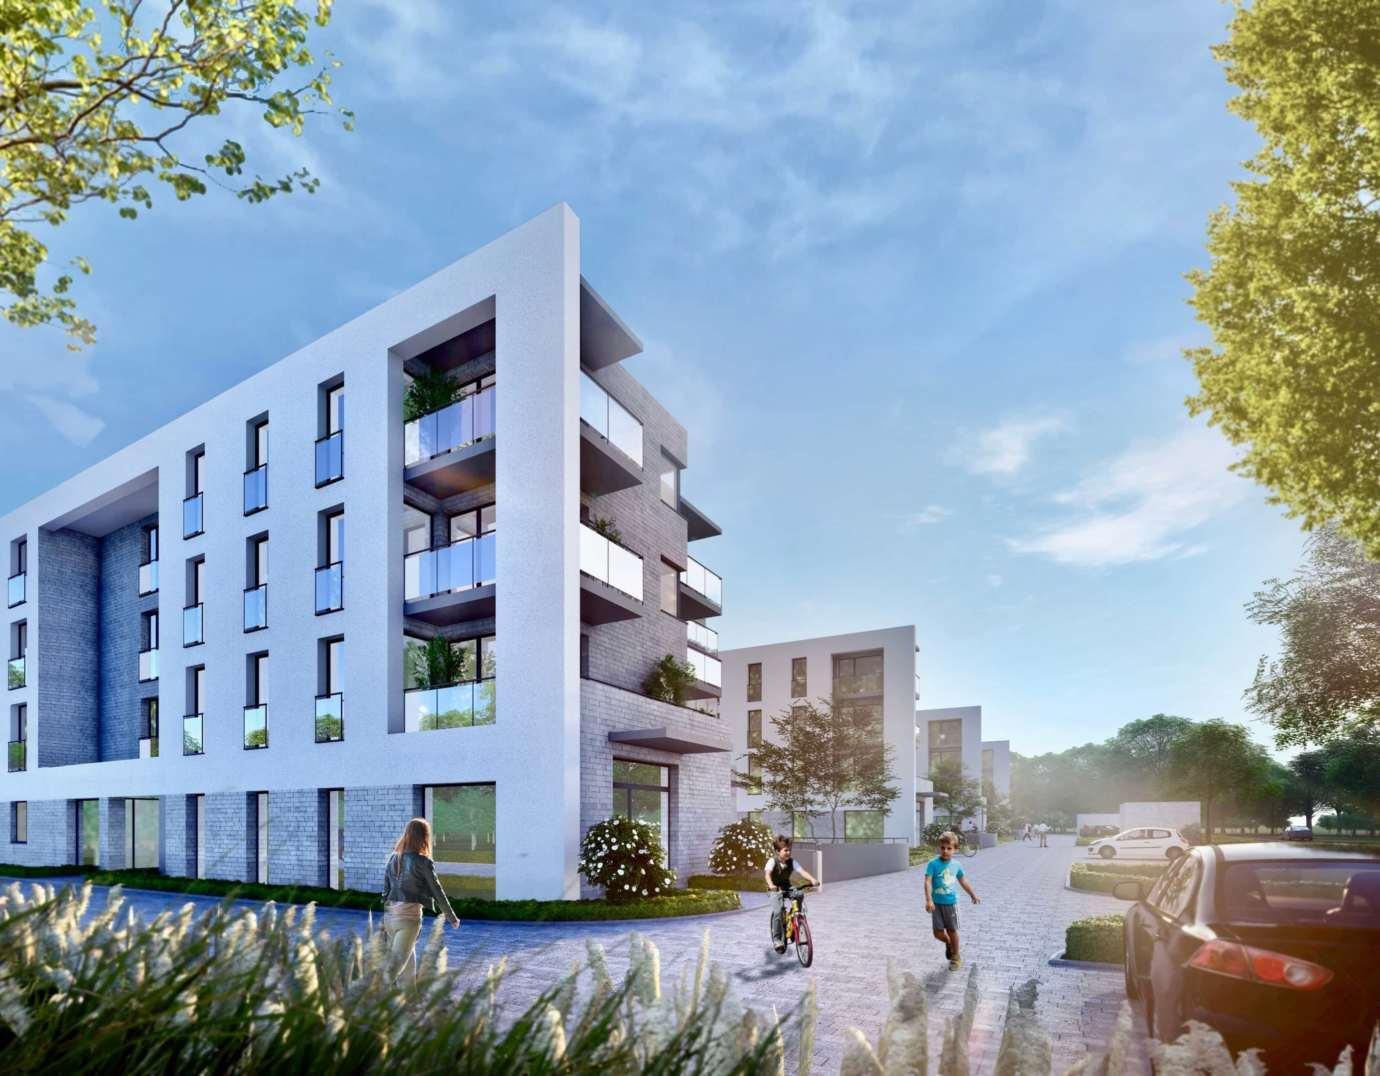 zam lipska 1 Nowe osiedle mieszkaniowe już w sprzedaży!